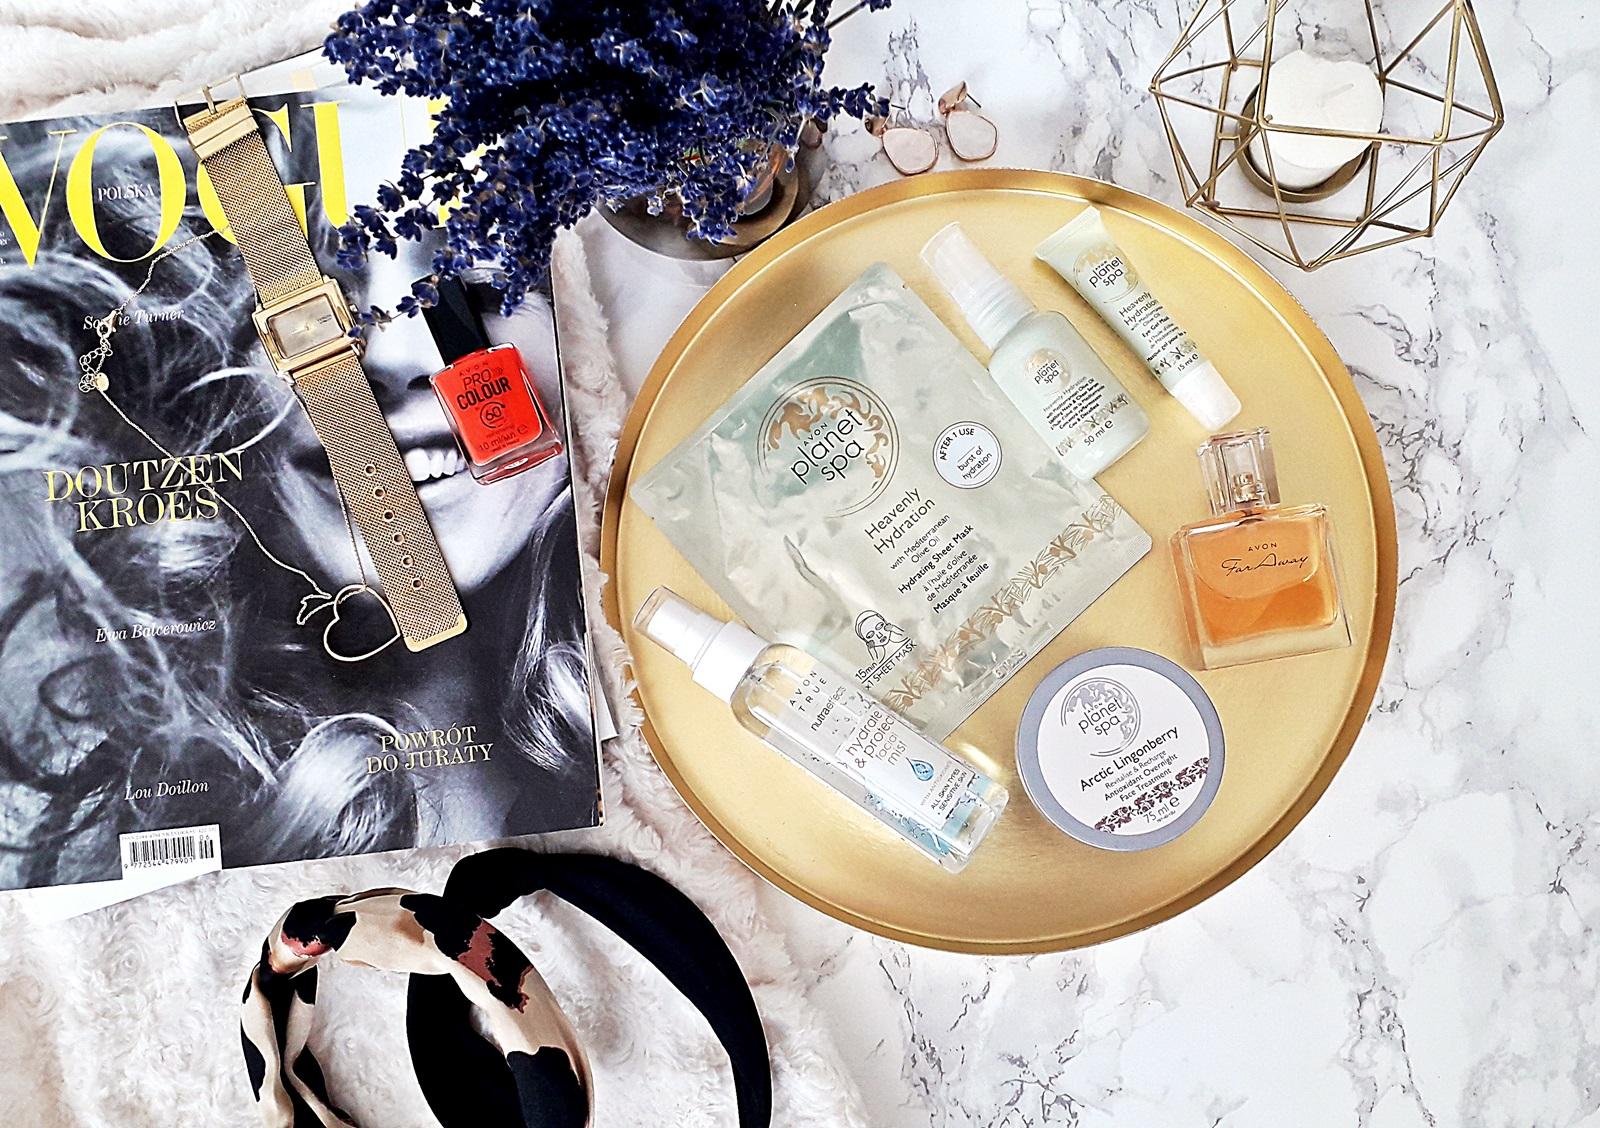 Co nowego w Avon? -  idealny lakier na lato, zapomniane perfumy i kilka fajnych produktów do pielęgnacji